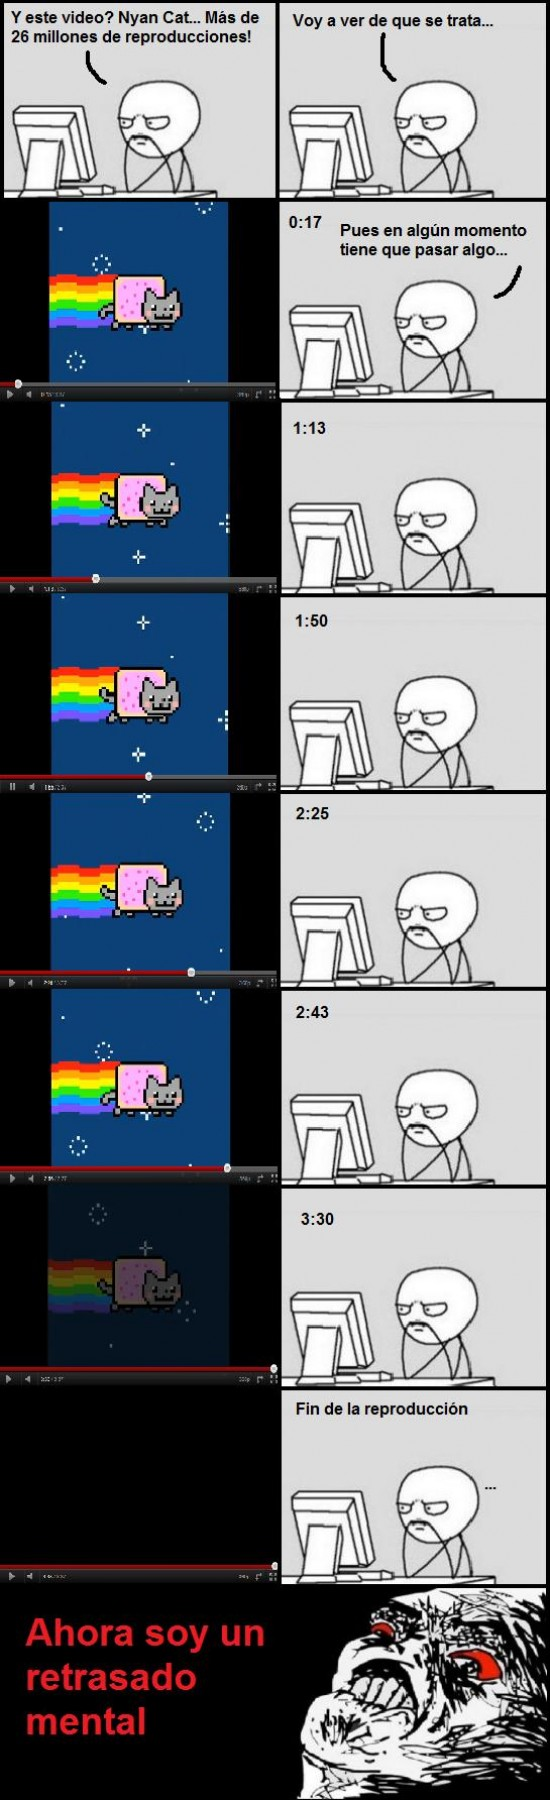 Inglip - Nyan Cat